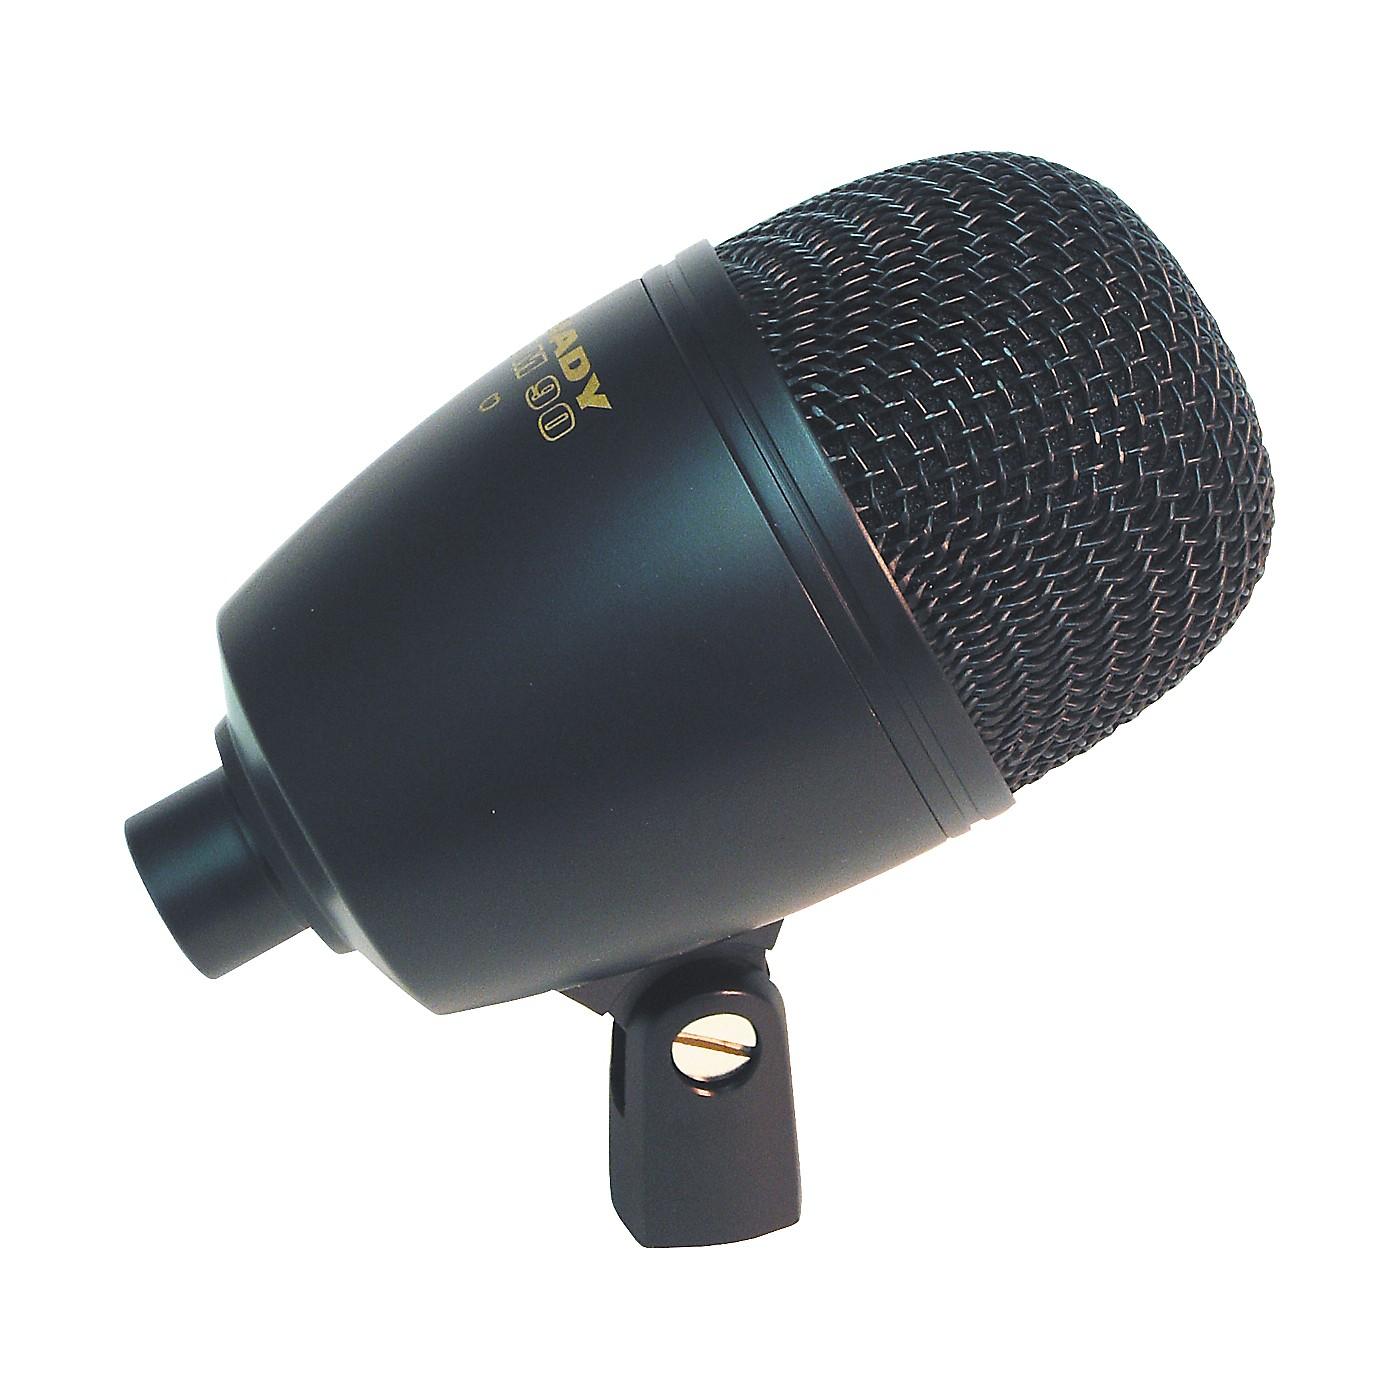 Nady DM-90 Dynamic Kick Drum Microphone thumbnail